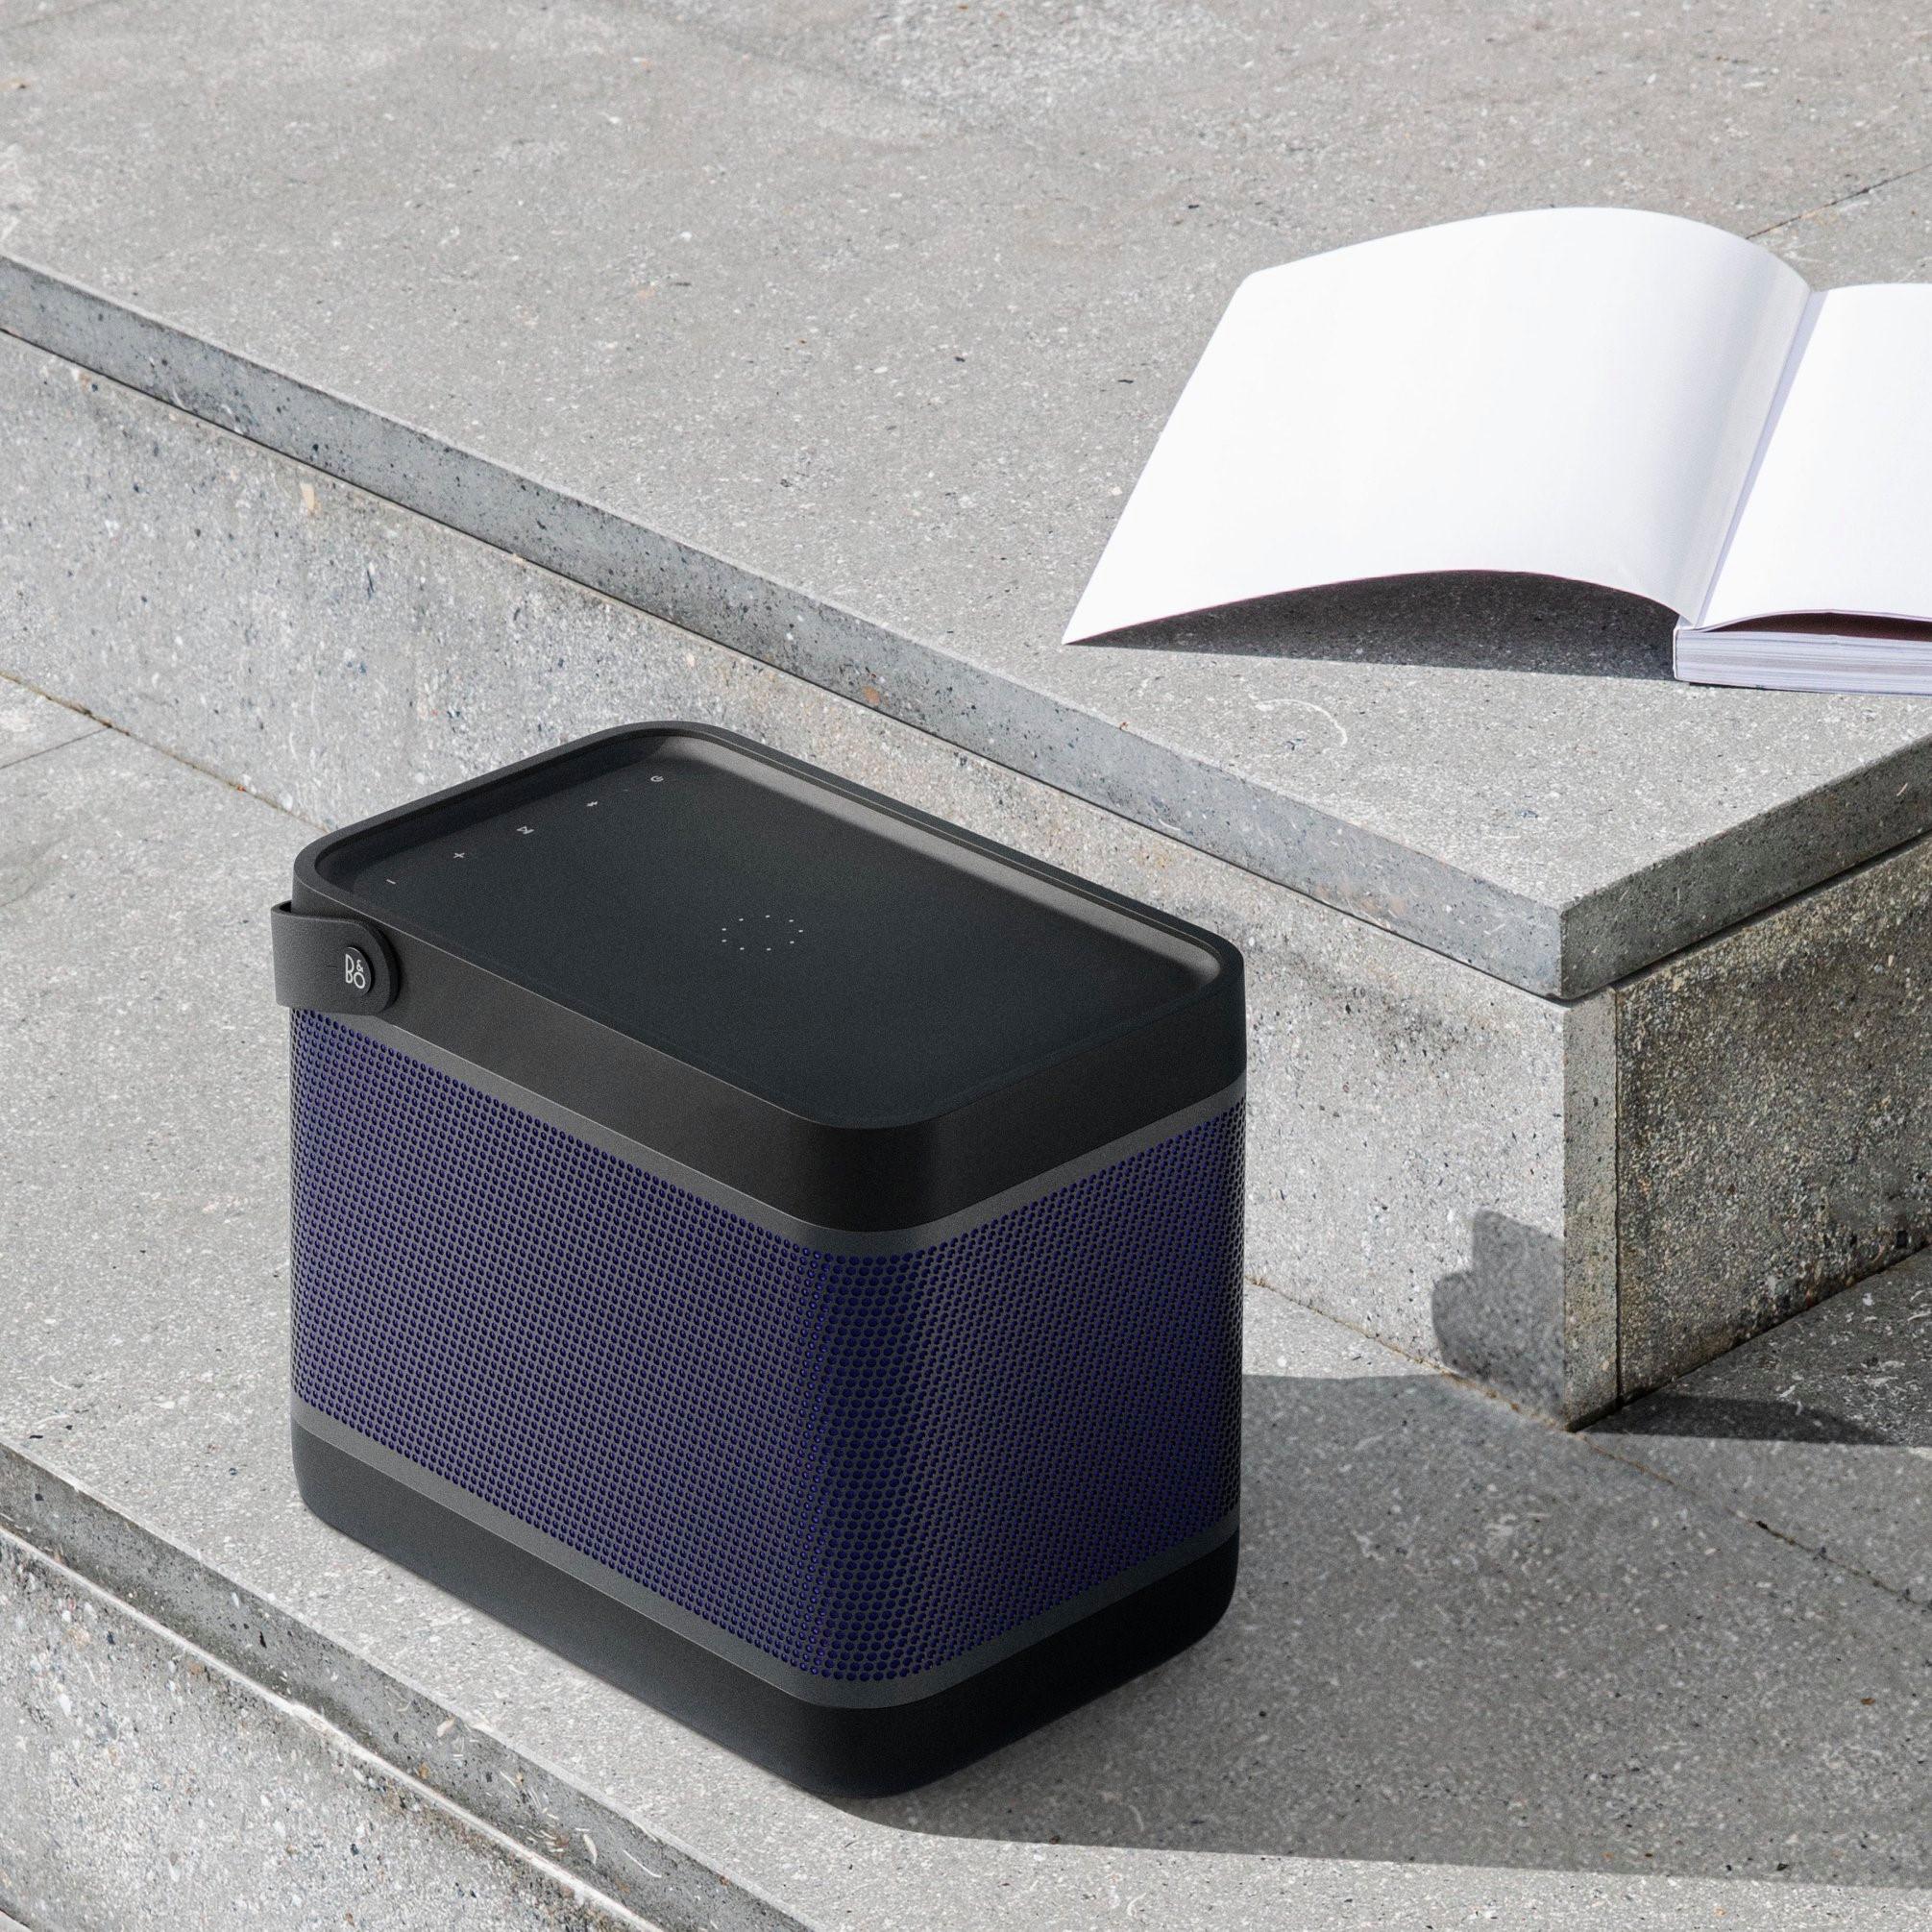 Loa B&O Beolit 20 - Hàng chính hãng nguyên seal - Loa Bluetooth Nhãn hiệu  B&O